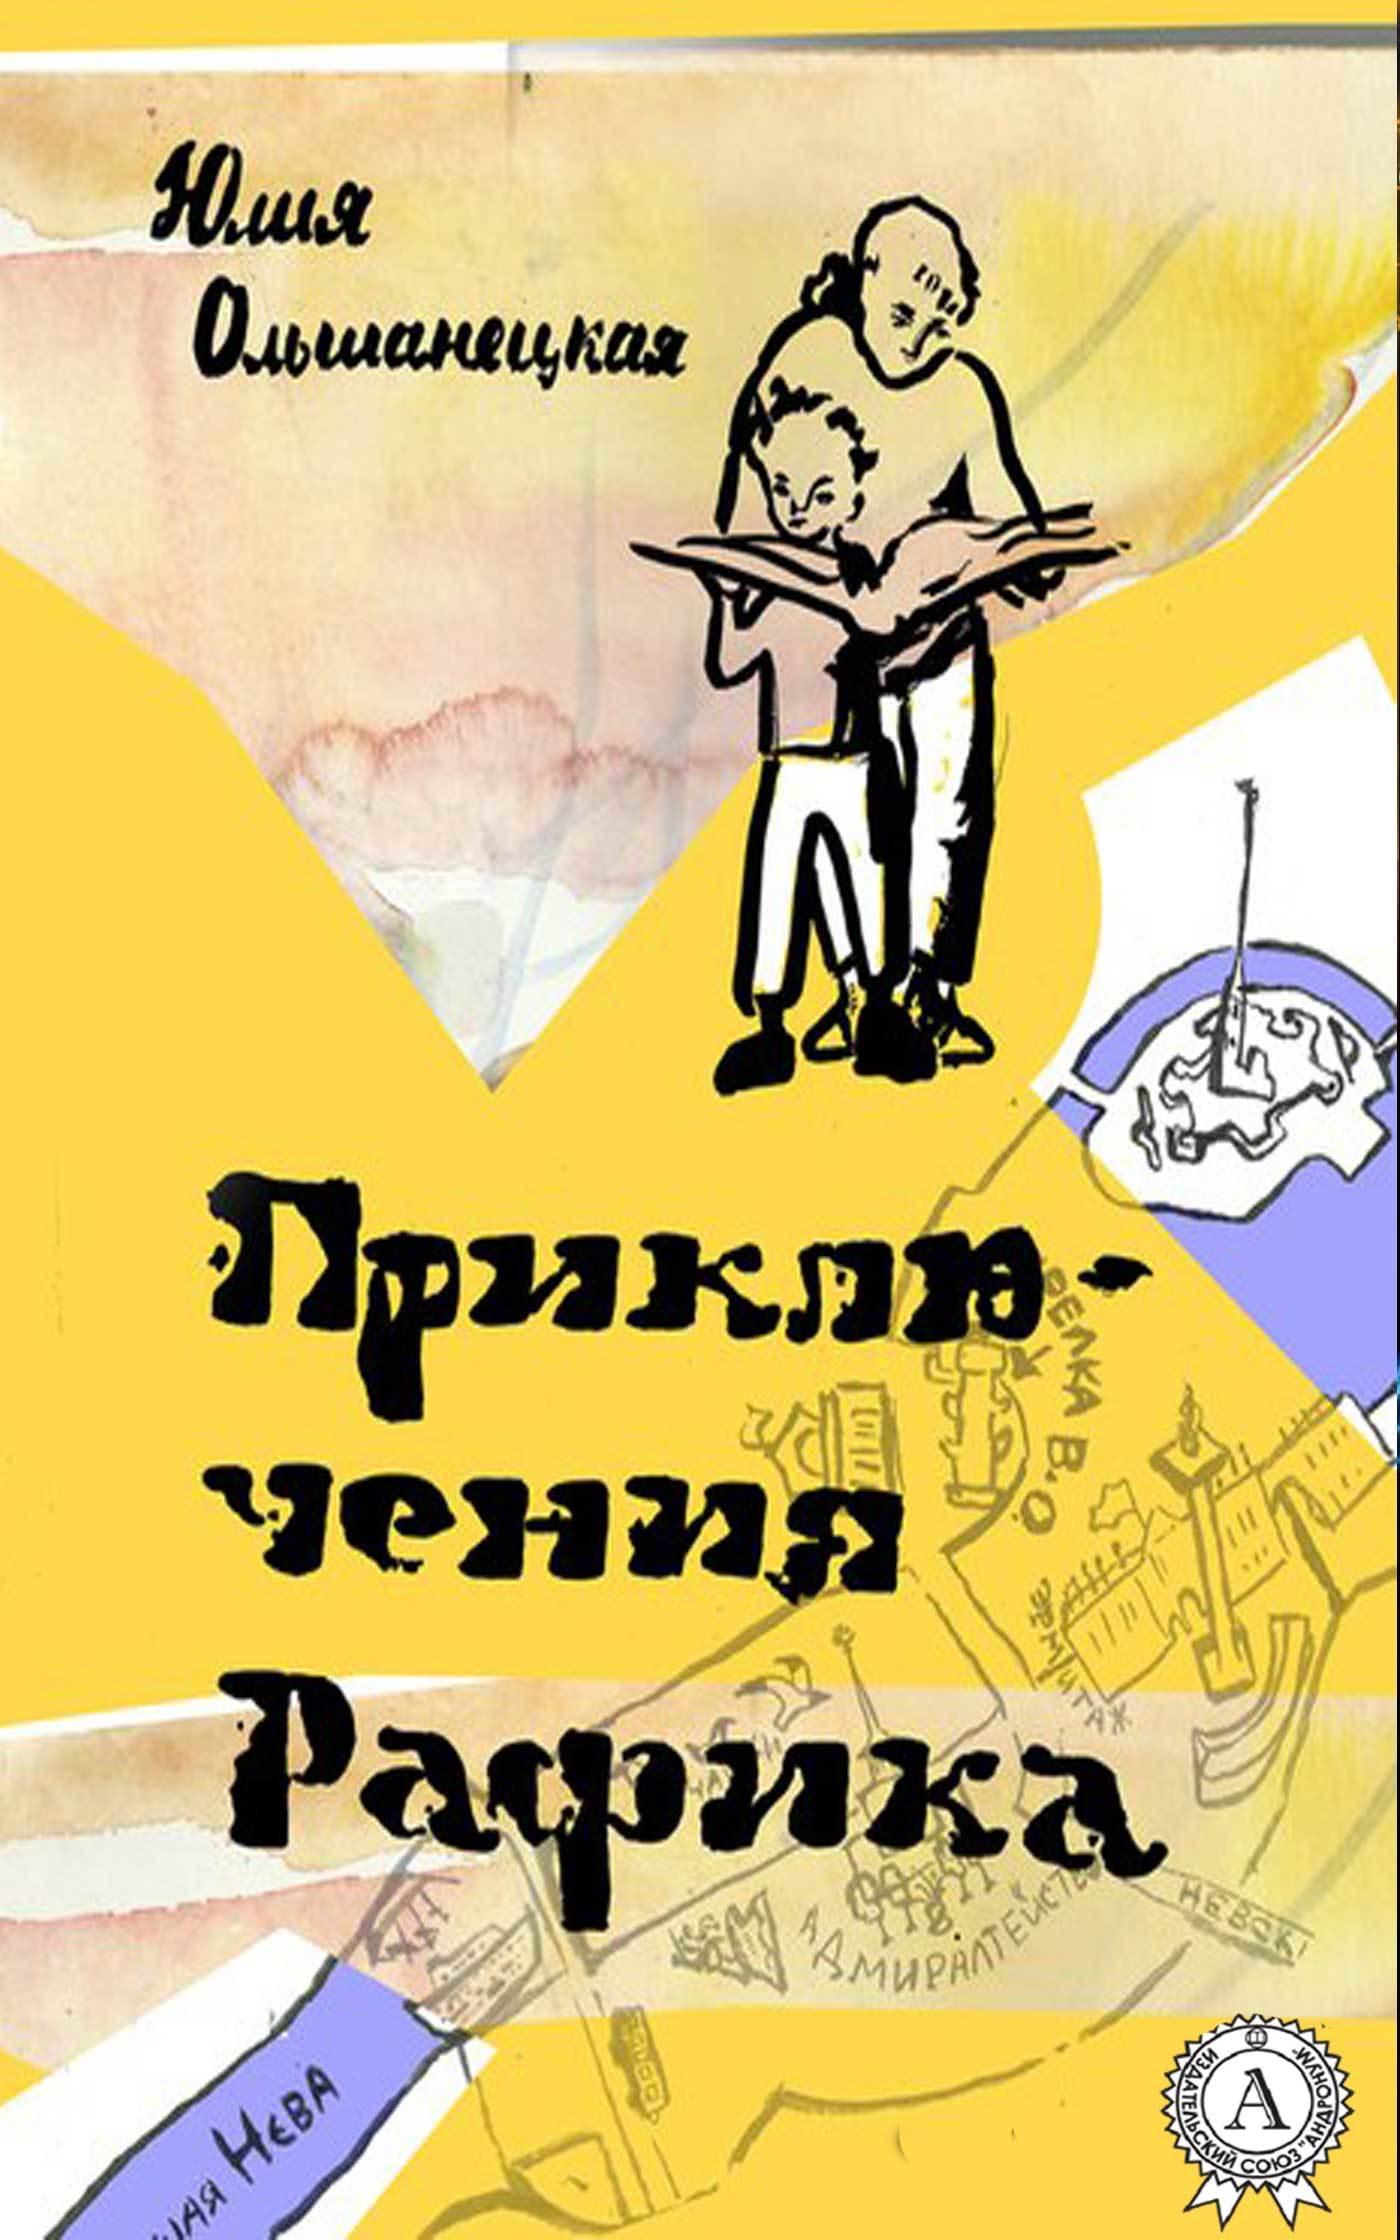 Юлия Ольшанецкая - Приключения Рафика